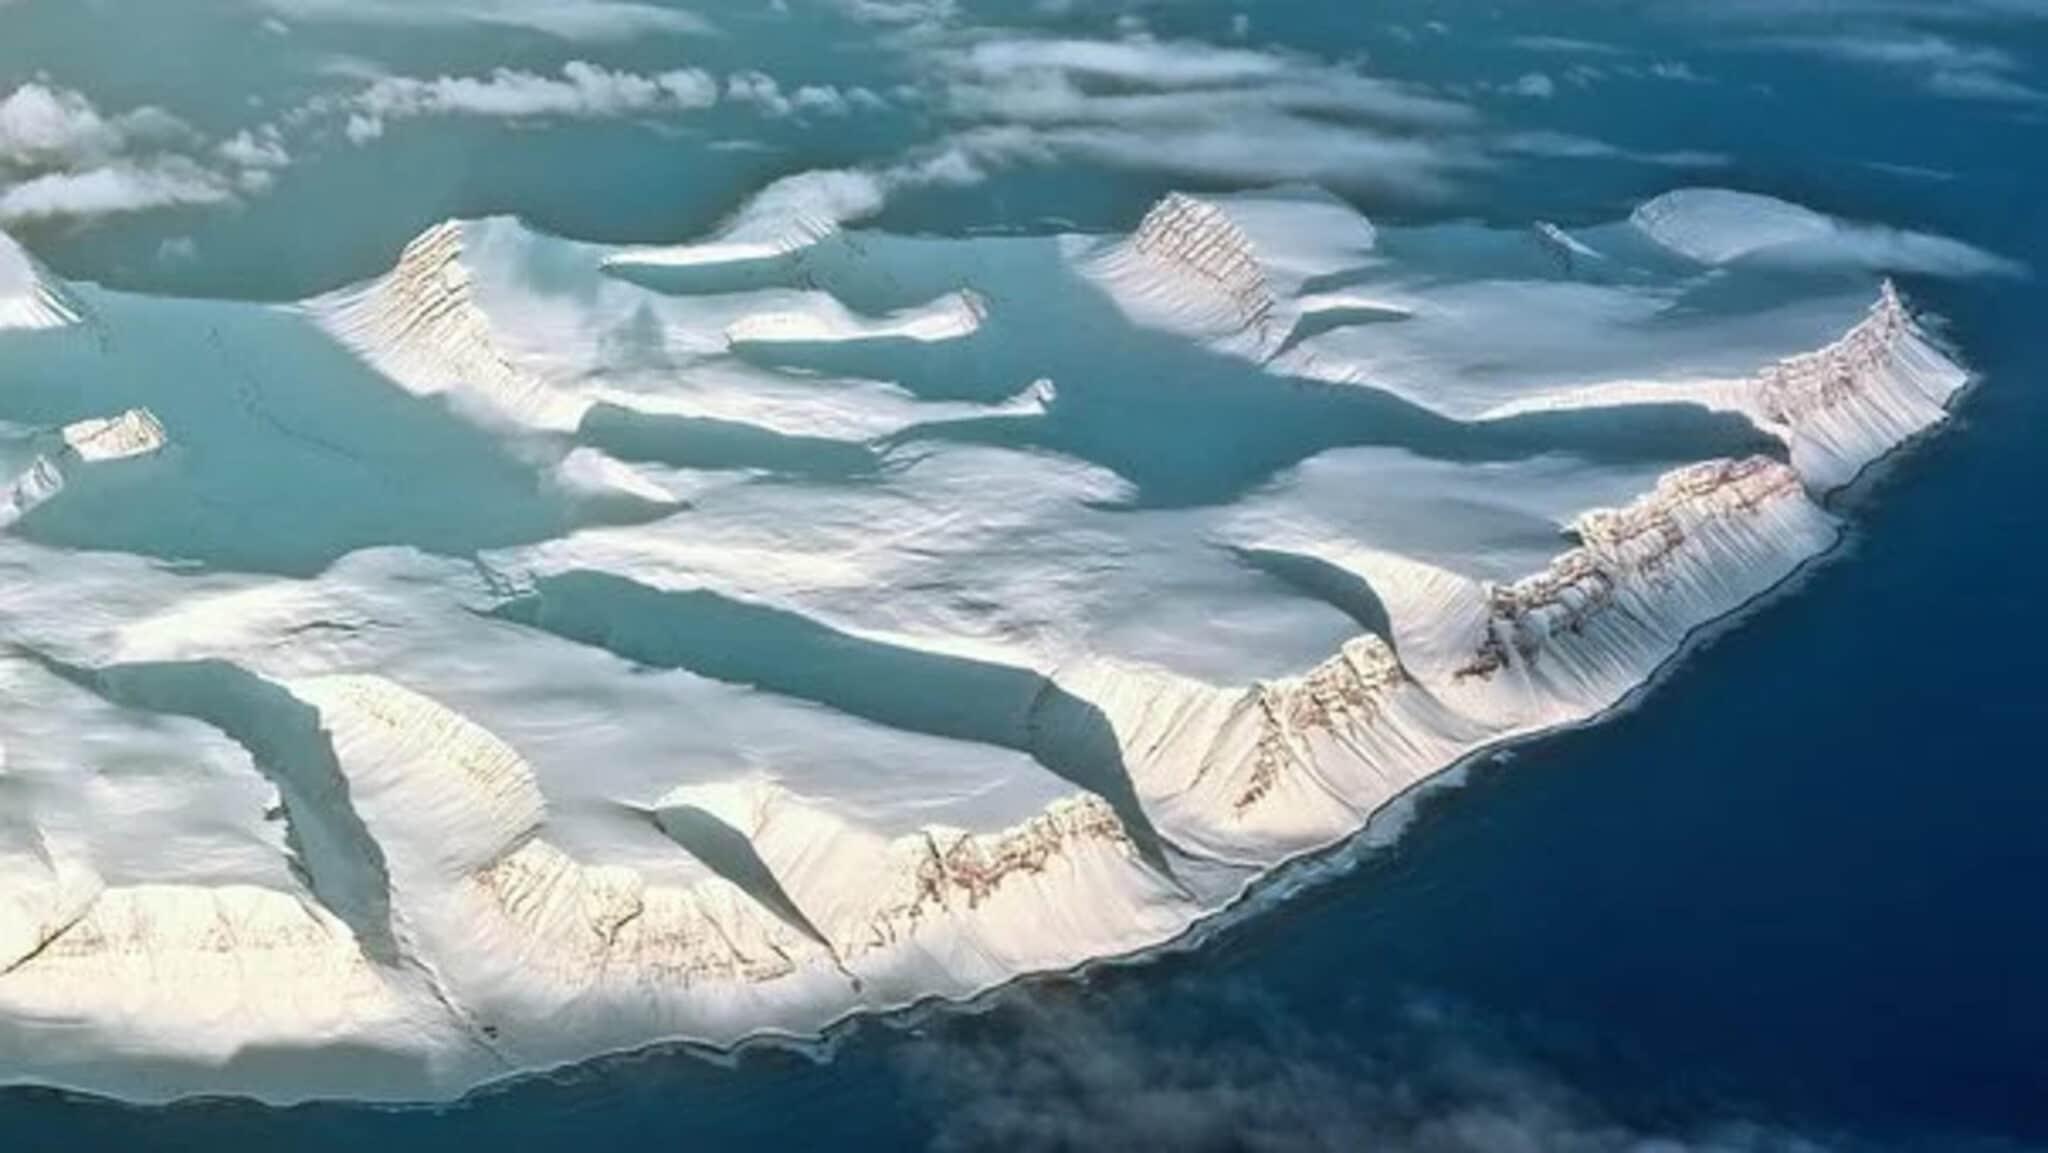 Artico, Europa, strategia, emissioni, transizione, clima, riscaldamento, permafrost, scioglimento, allarme, pericolo, estrazione, obiettivi, sostenibilità, ambiente, Energy Close-up Engineering